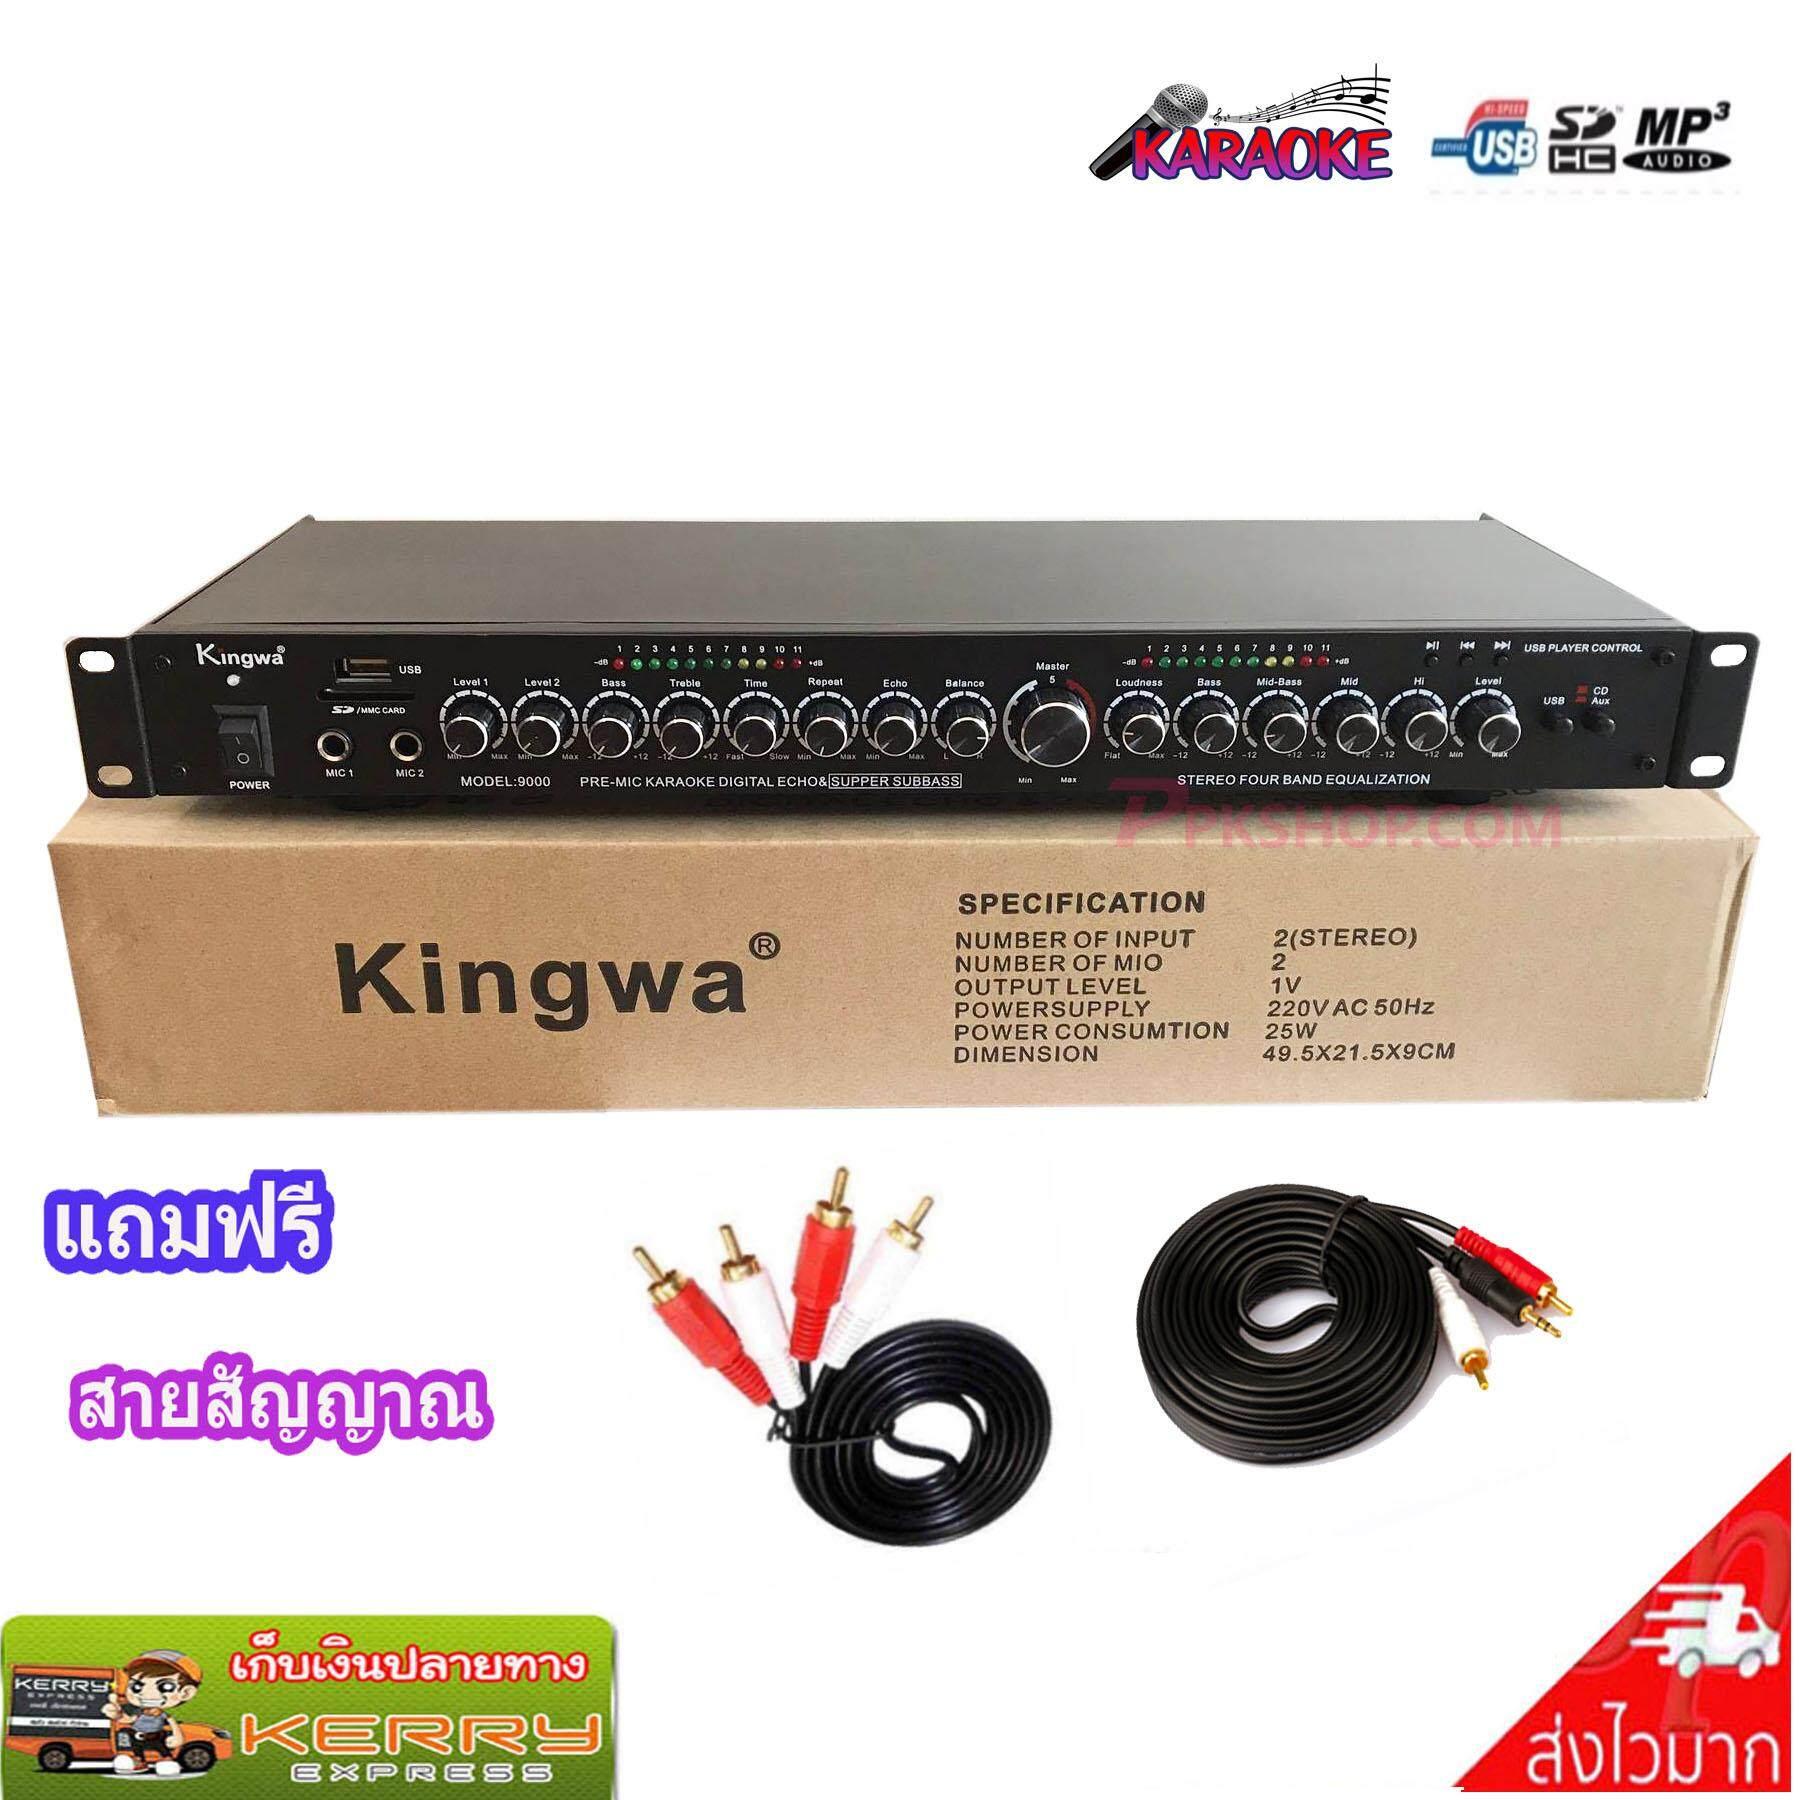 ขายดีมาก! Kingwa ปรีแอมป์คาราโอเกะ mp3 USB/SD CARD มีSUB OUT รุ่น 9000 ฟรีสายสัญญาณเสียงสีใส คละสี ยาว1.5เมตร2เส้น